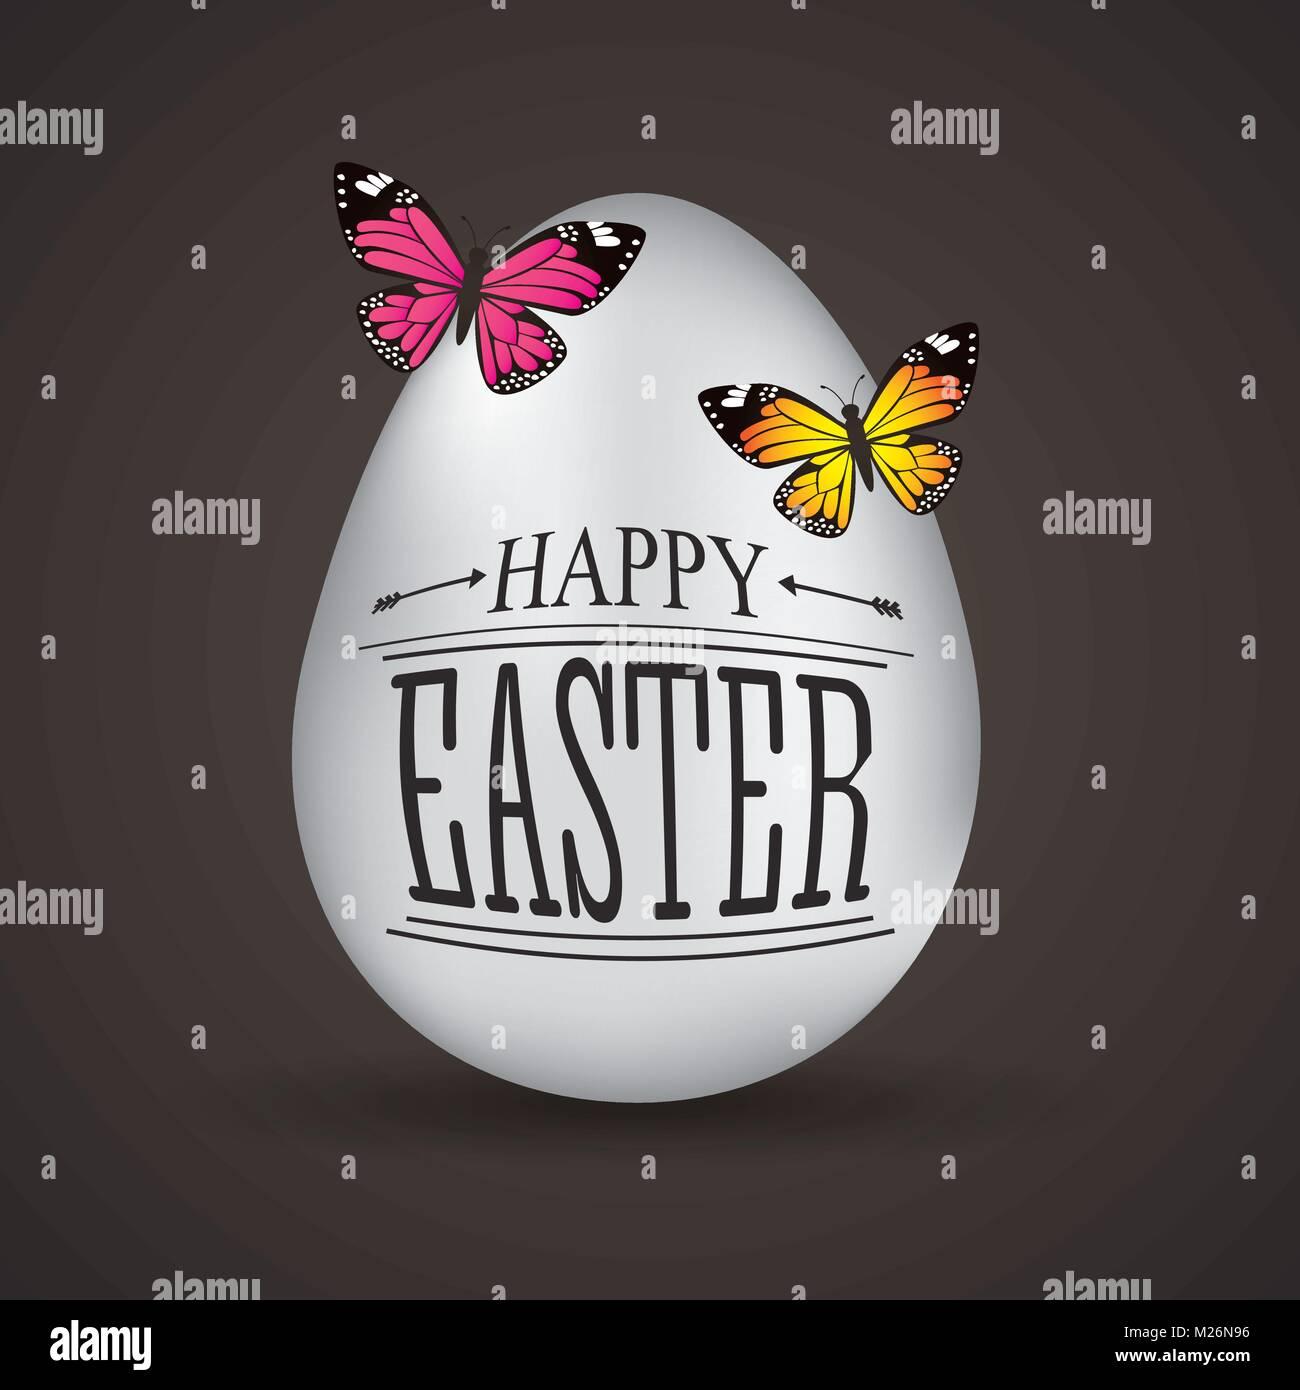 Frohe Ostern Karte.Frohe Ostern Karte Grosse Weisse Eier Schmetterlinge Auf